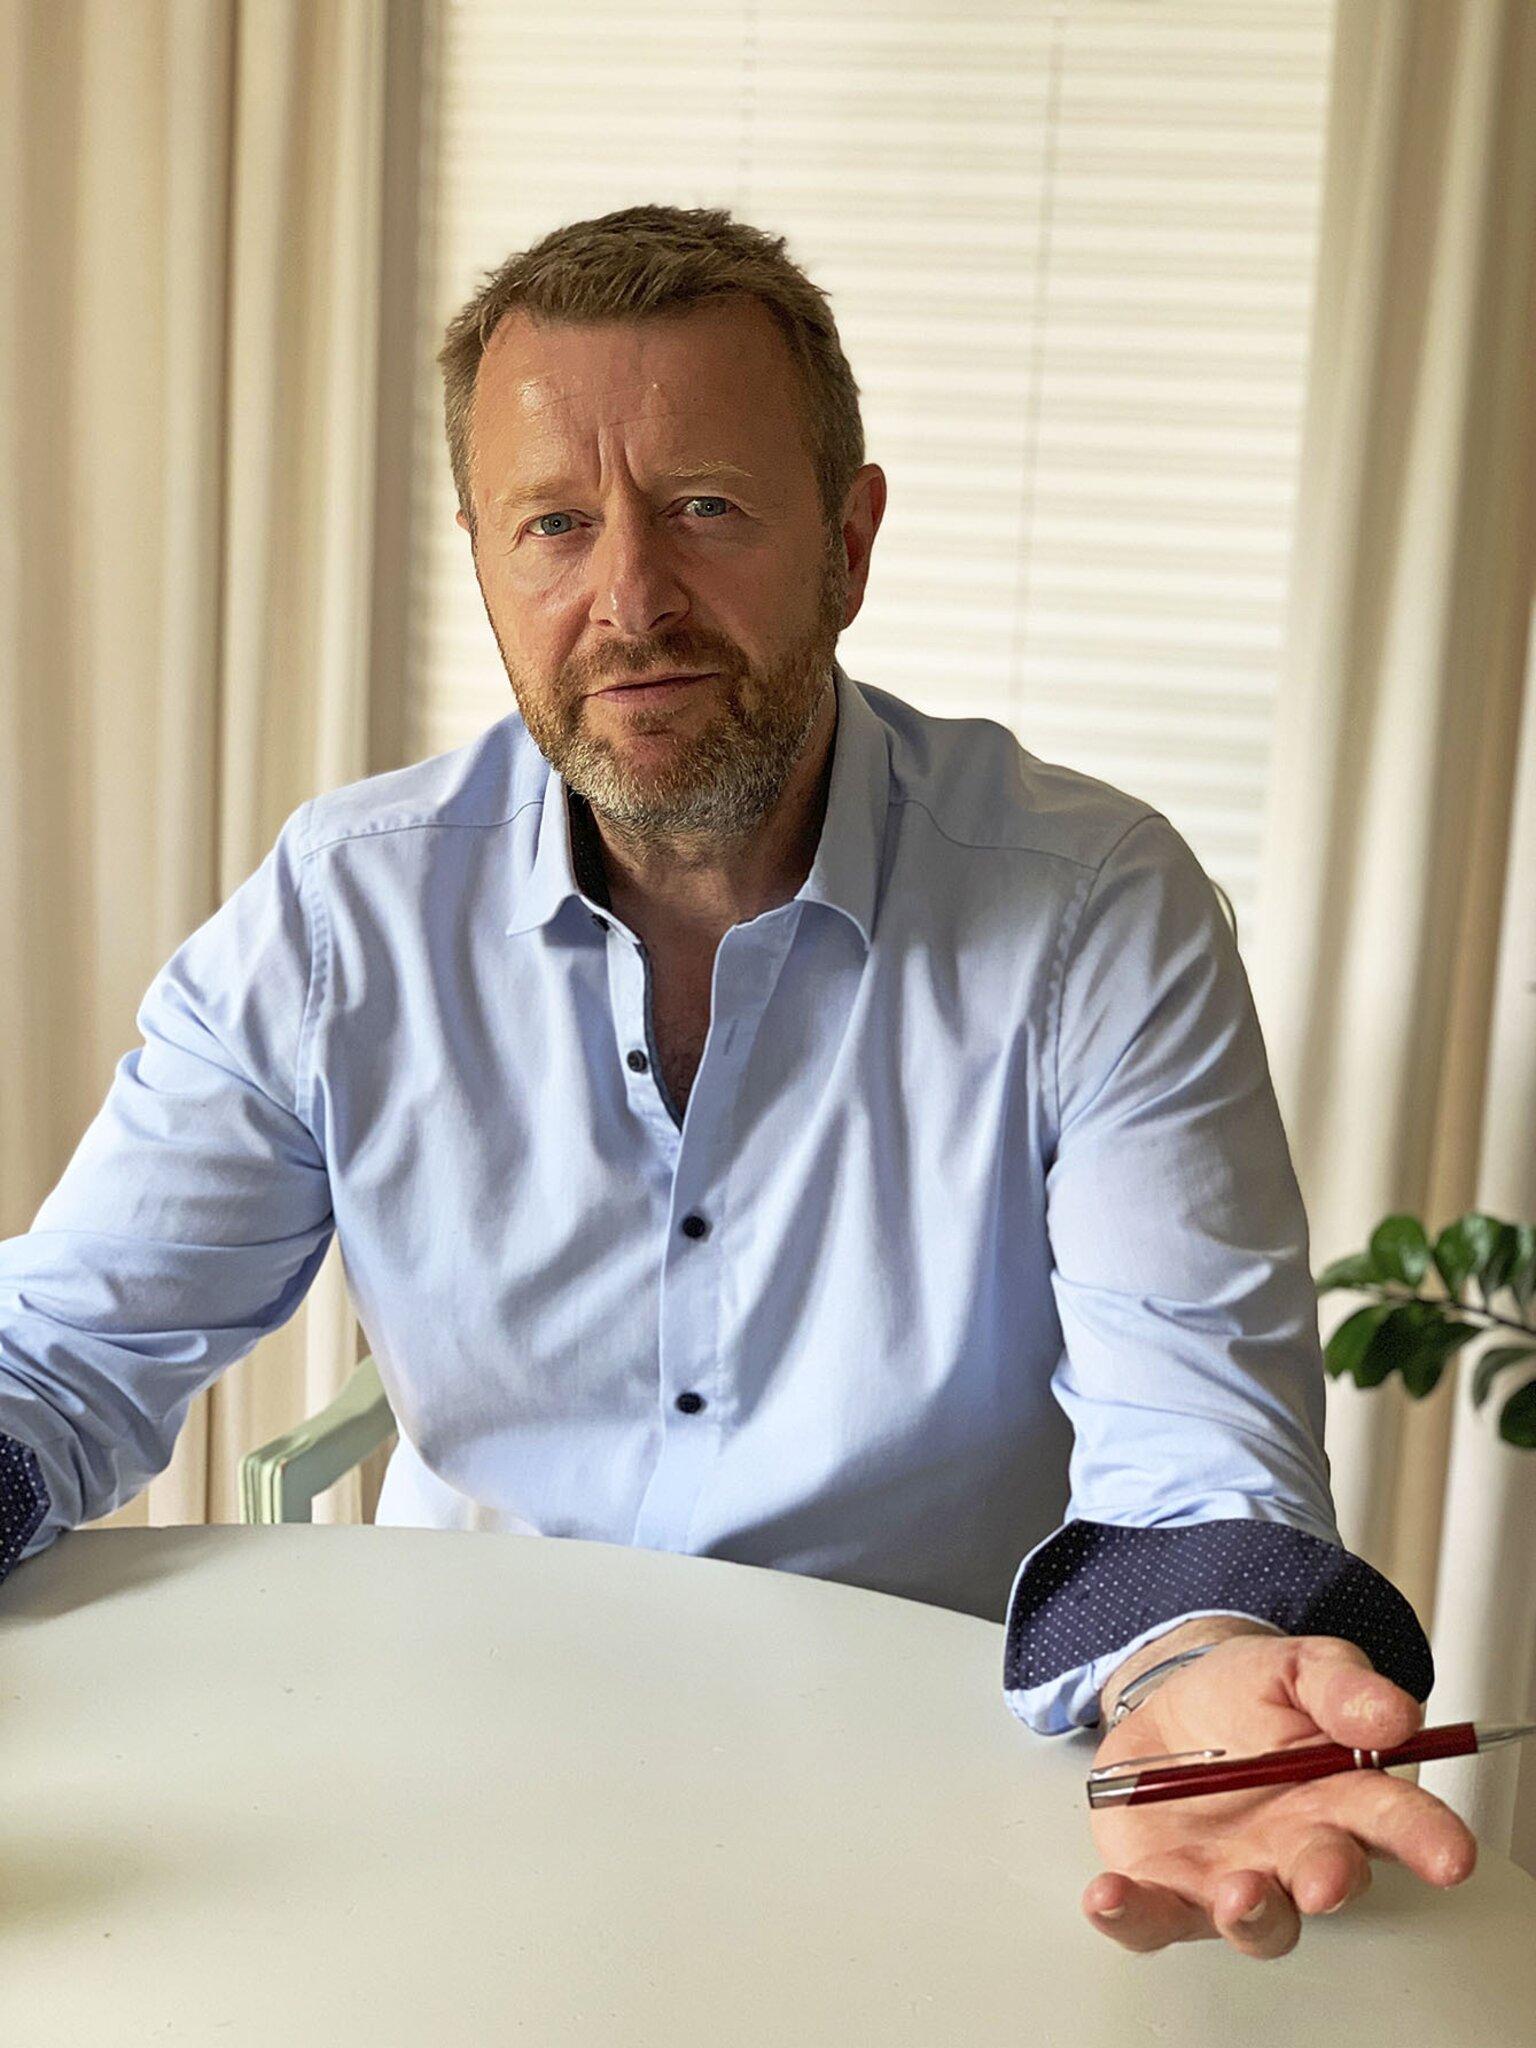 Bei der Kommunalwahl persönliches Ziel nicht erreicht                                                                  Persönliches Ziel nicht erreicht: Stefan Reigber verzichtet auf sein Mandat